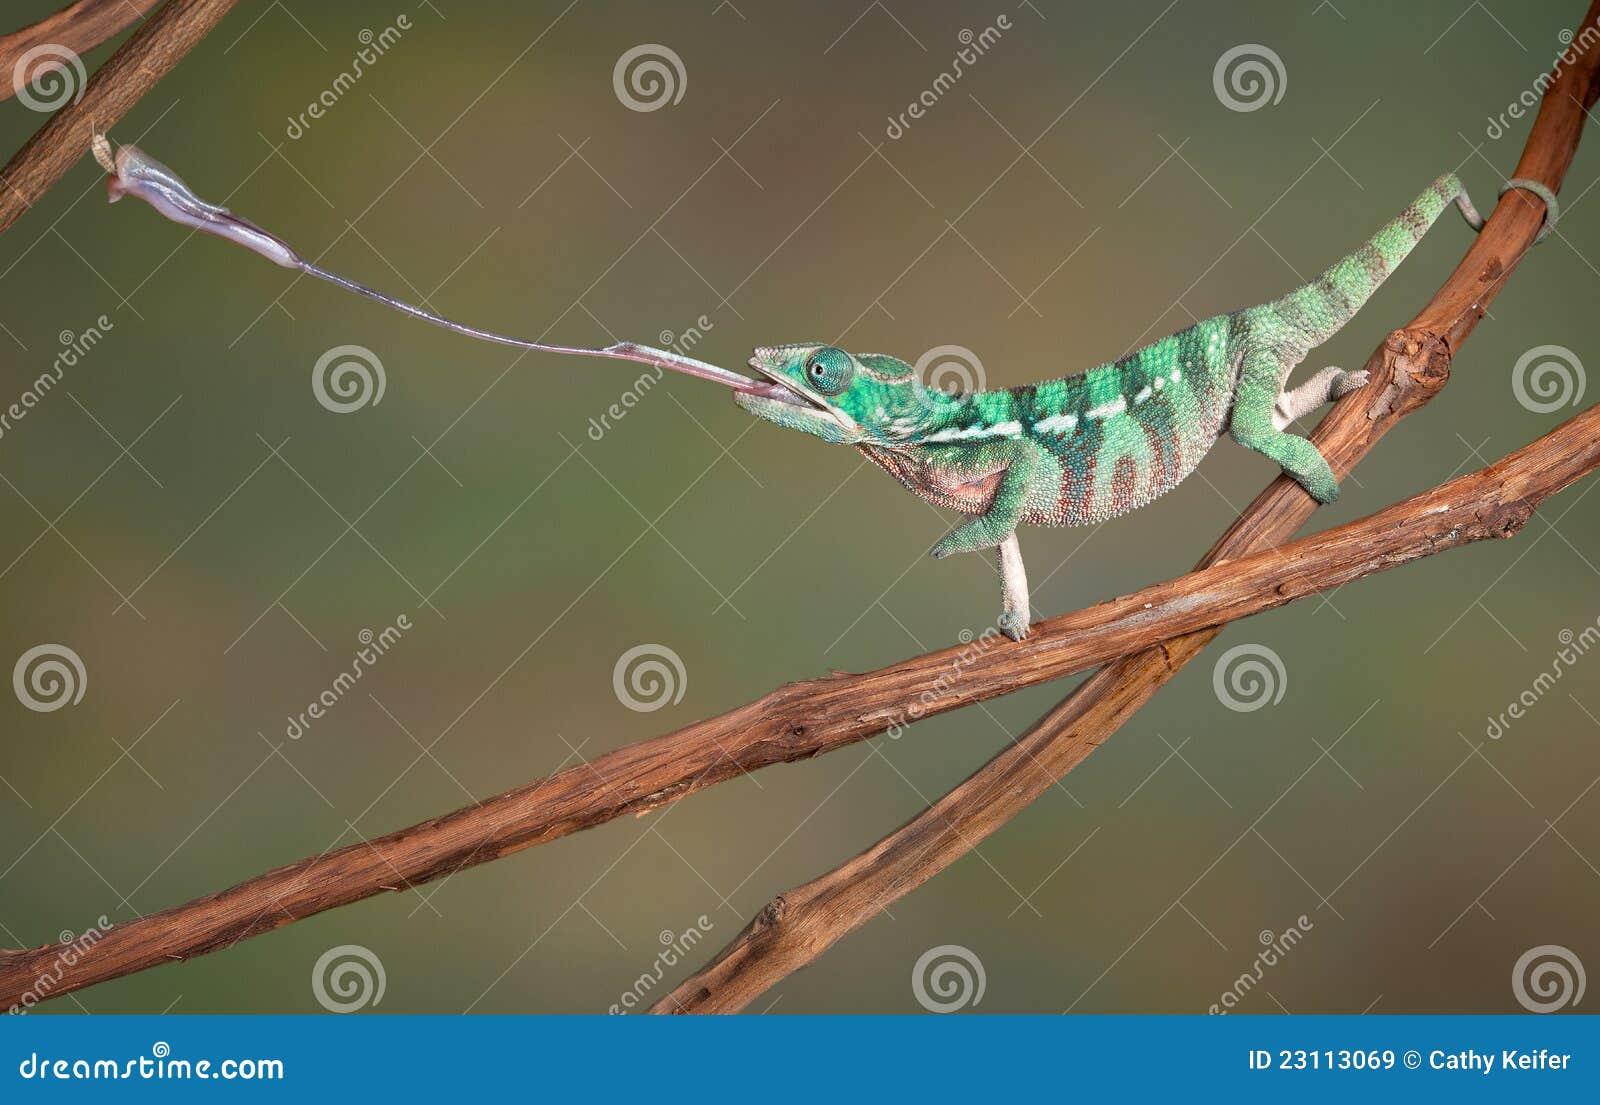 变色蜥蜴射击舌头